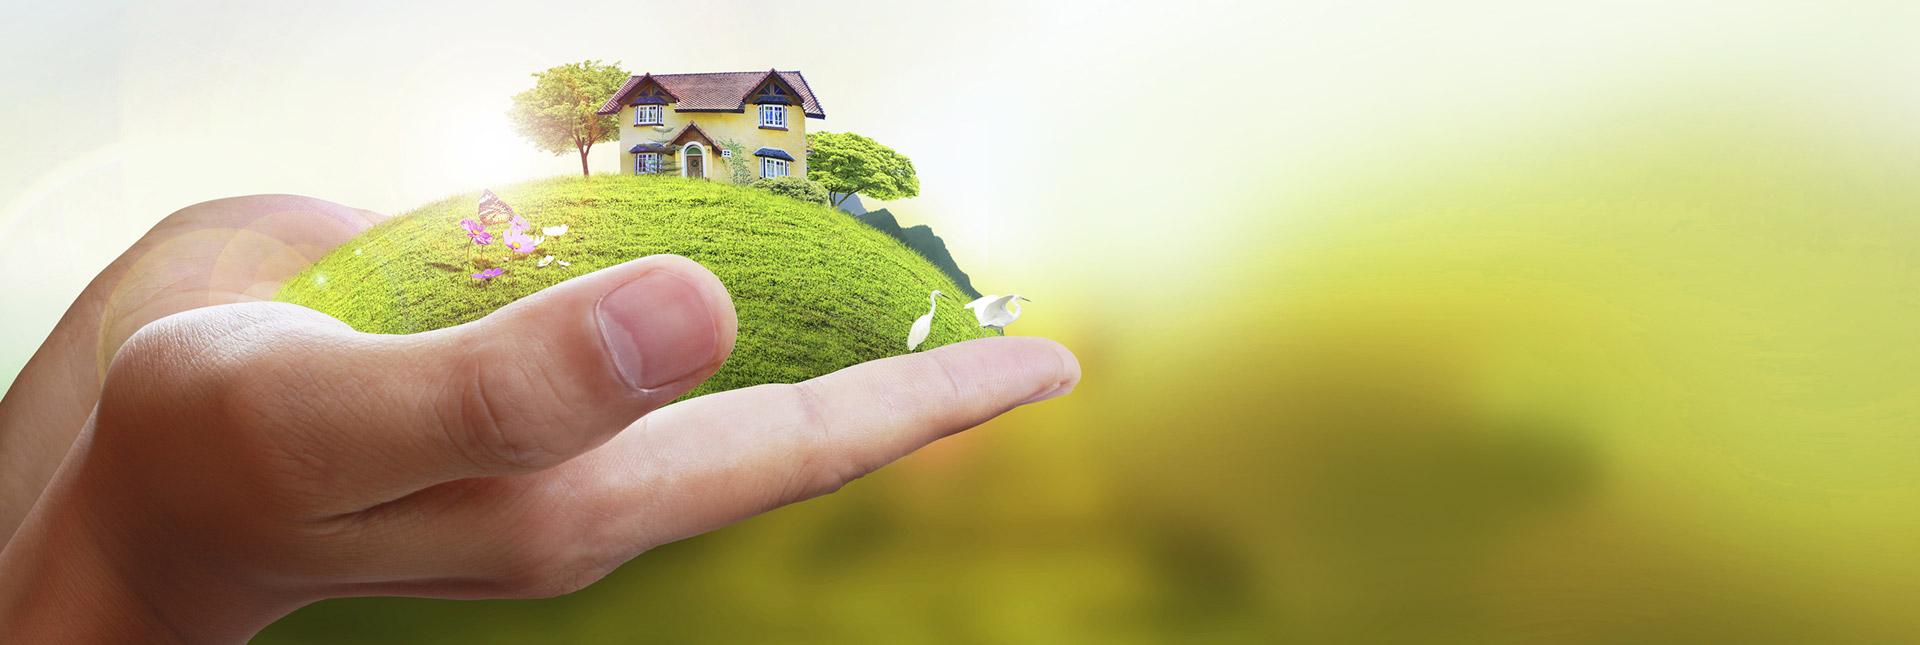 real-estate-bg3